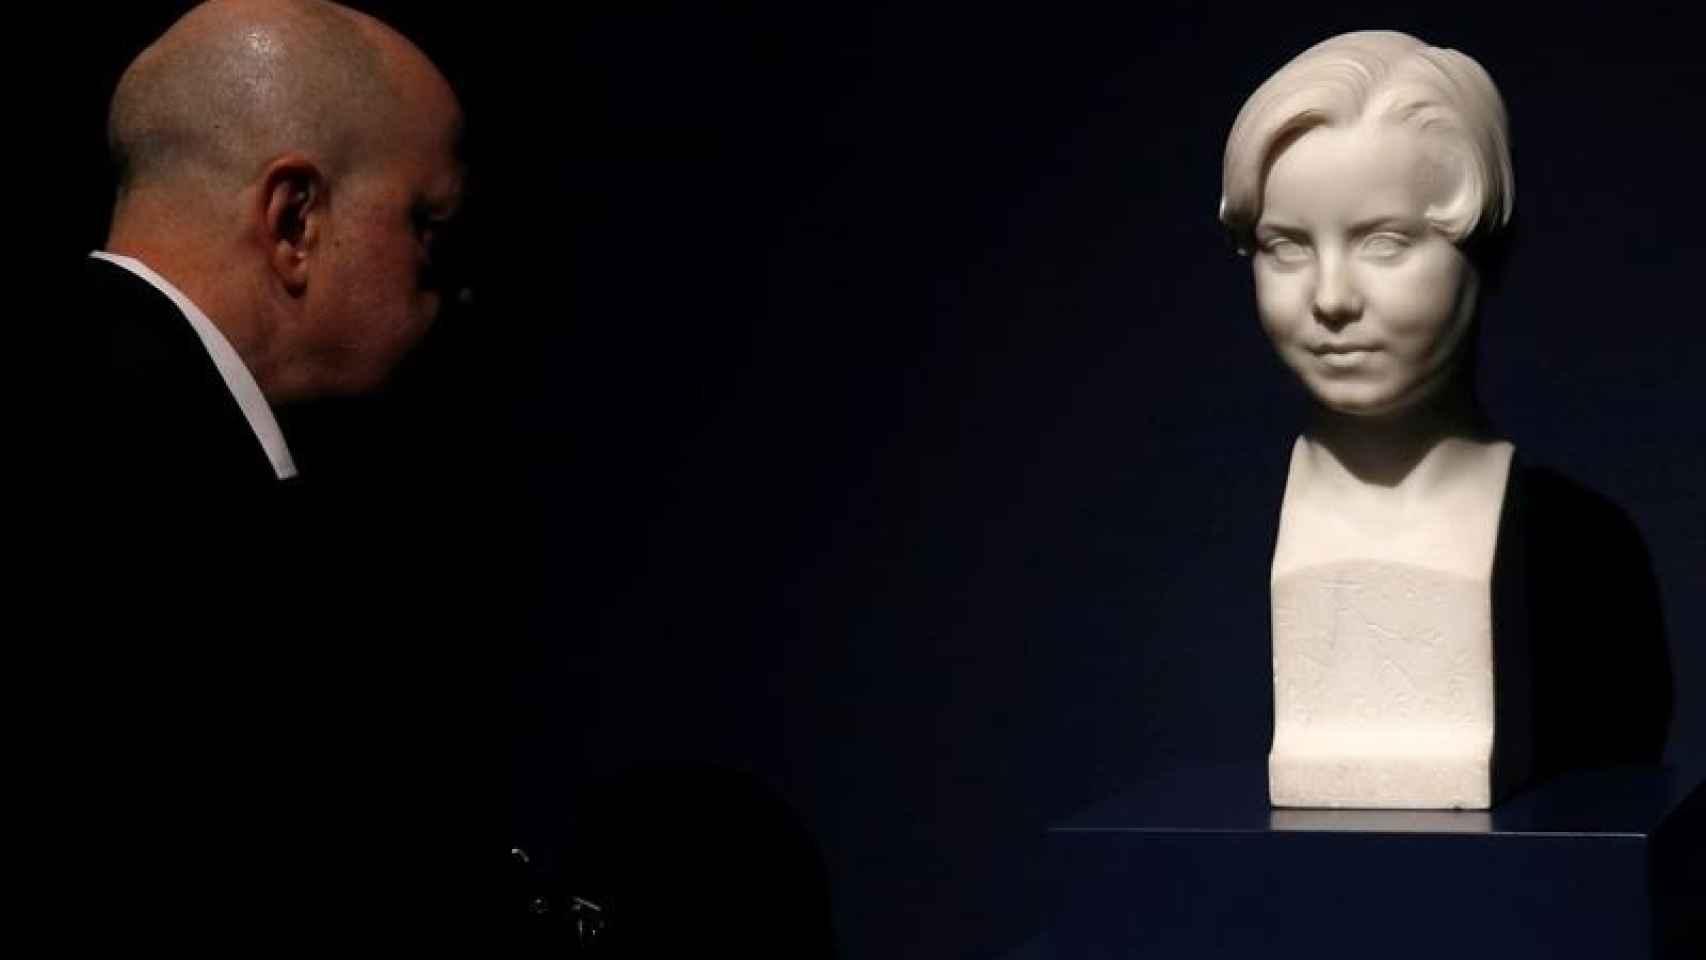 Busto de Miguelito, el quinto hijo de Miguel Blay, muerto con 8 años.